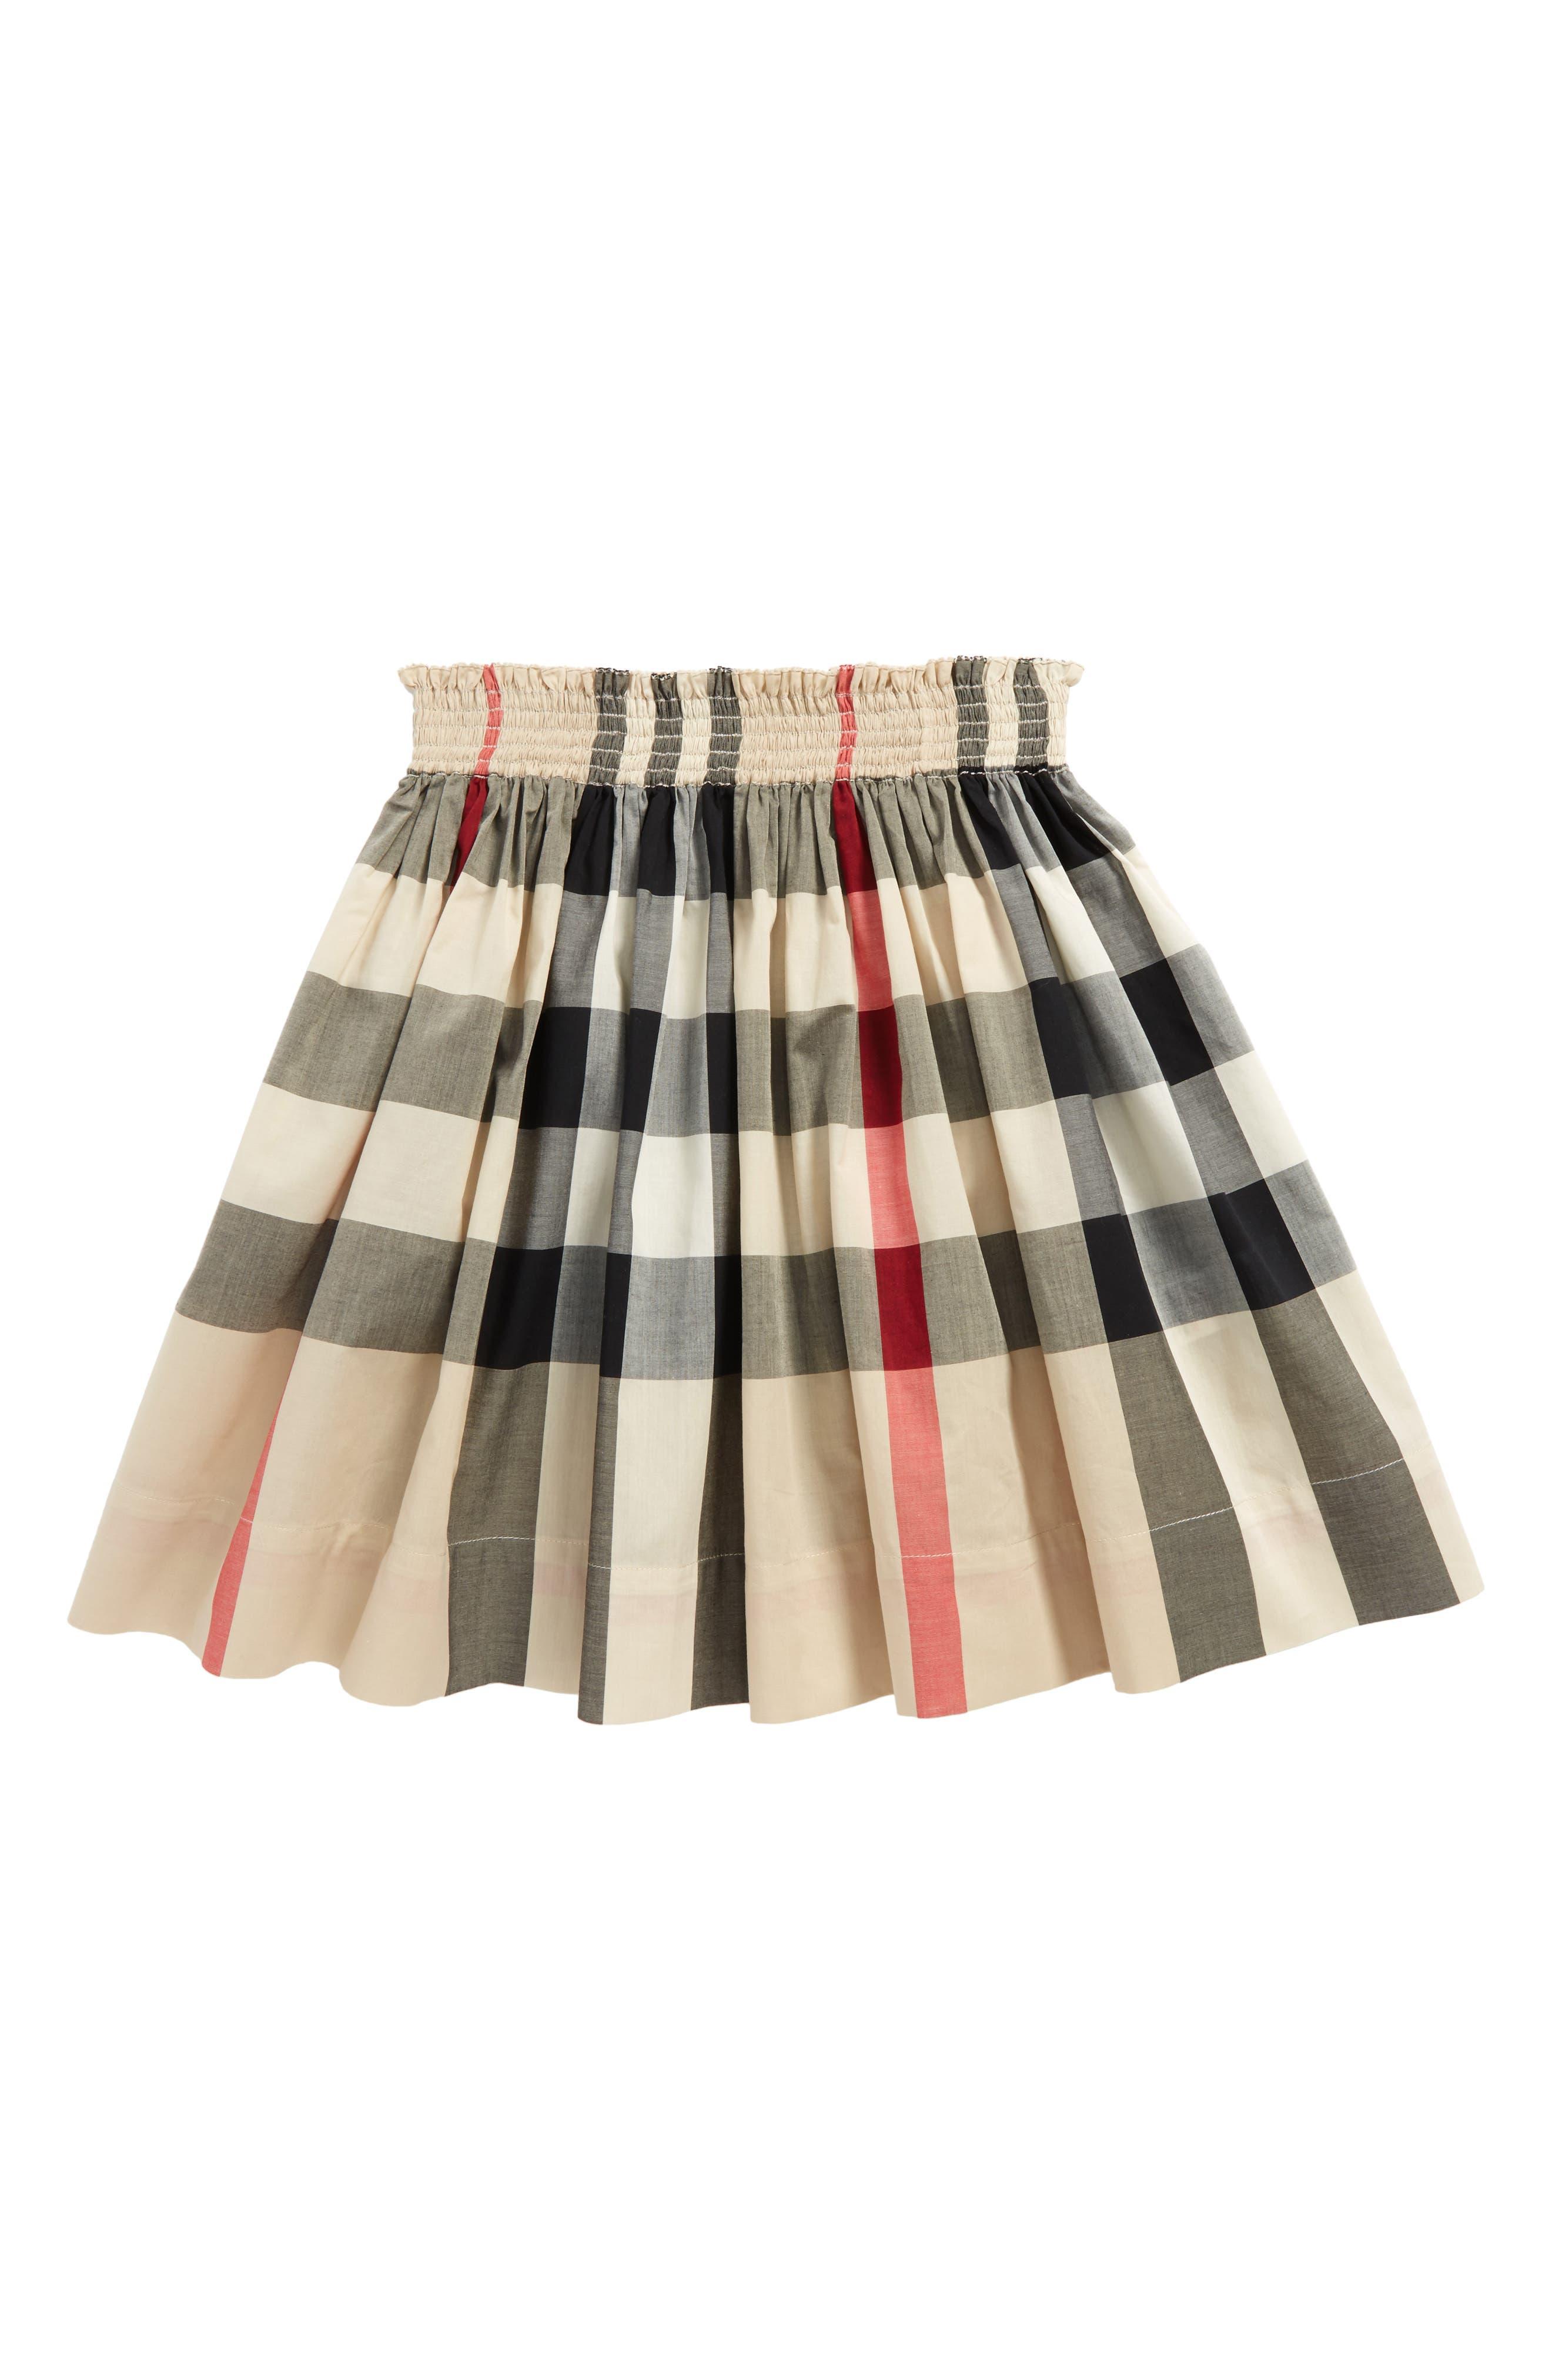 Hala Check Skirt,                         Main,                         color, New Classic Check